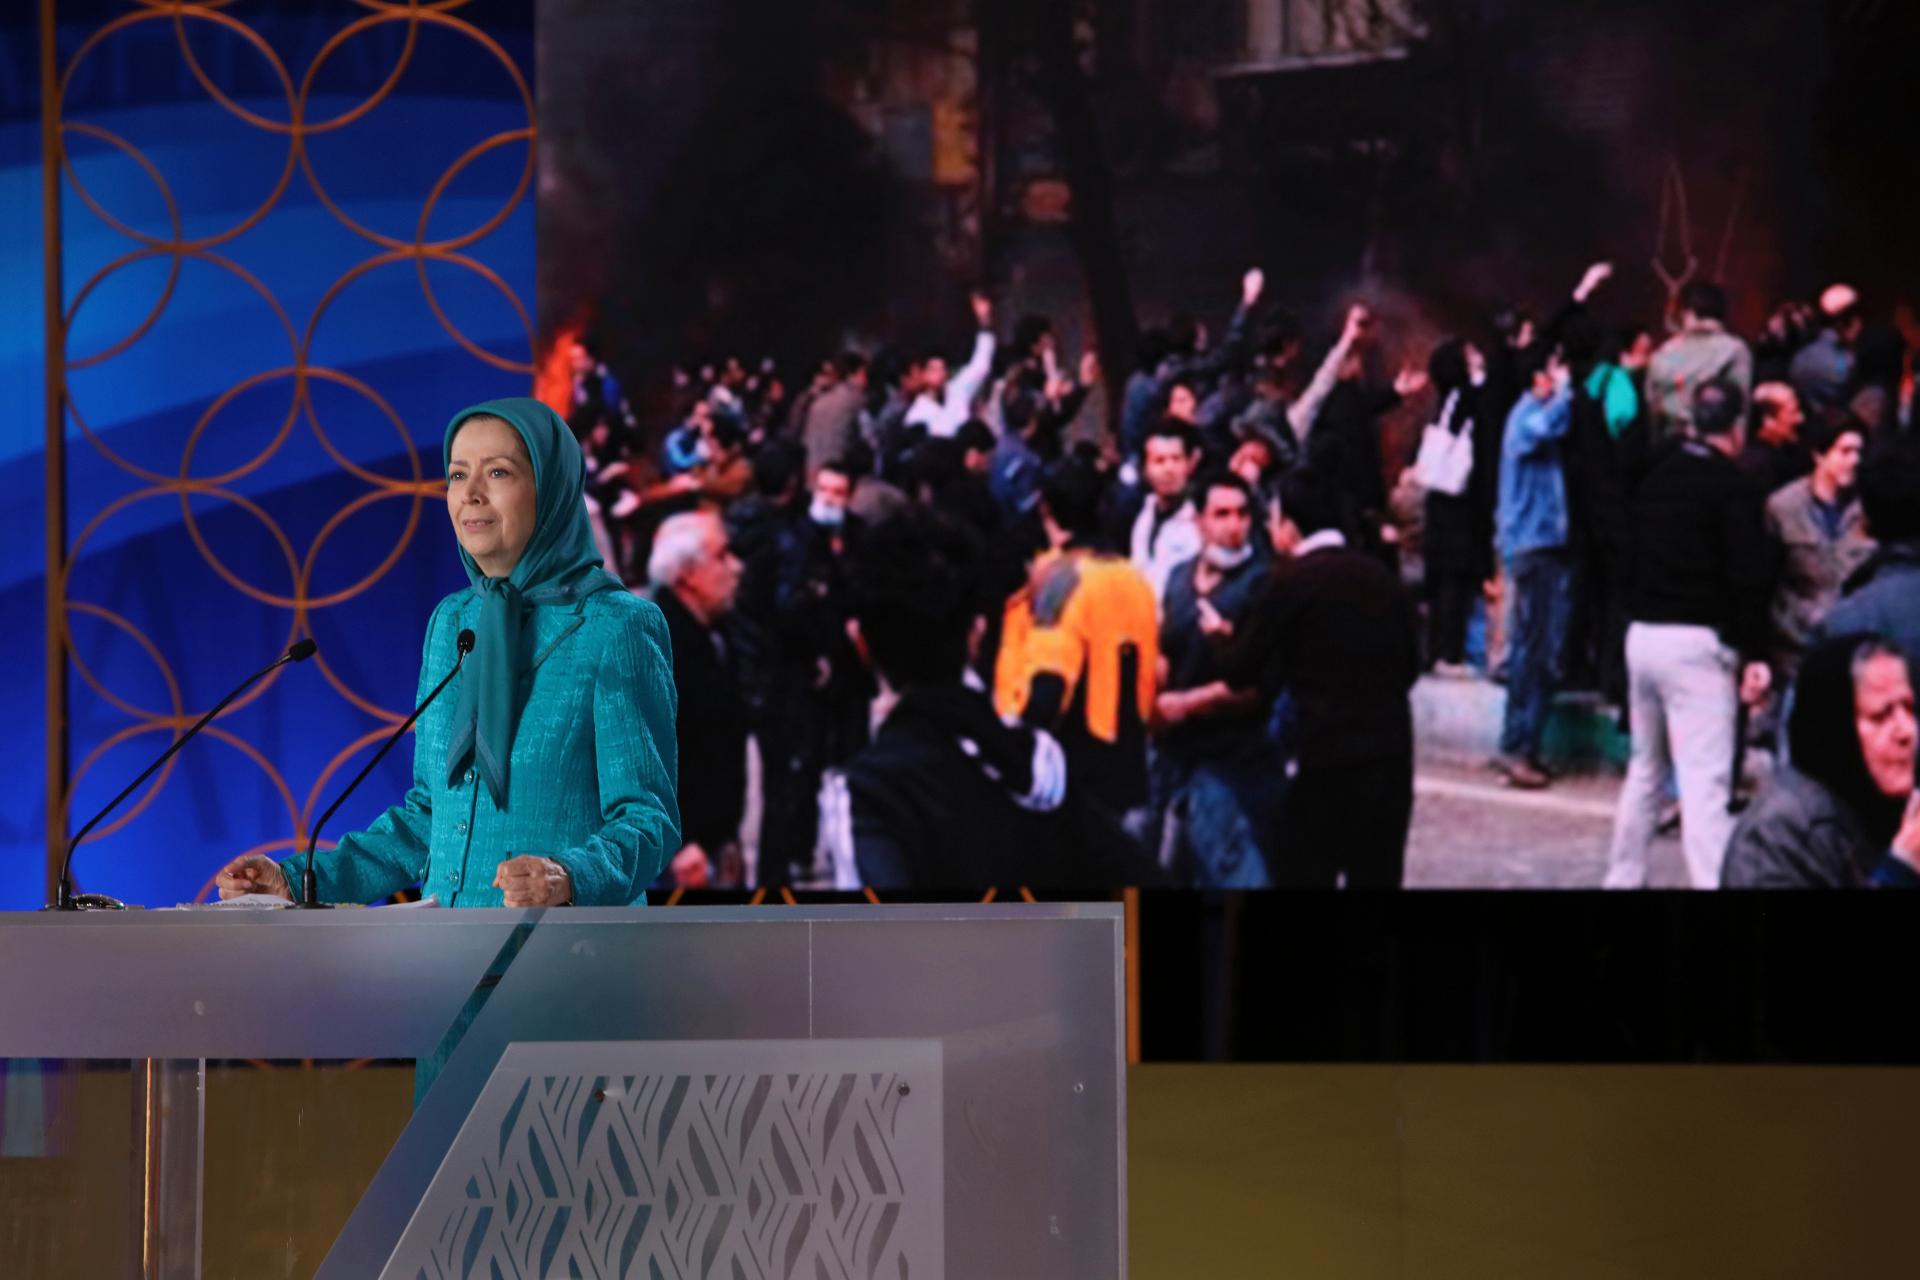 سخنرانی دراجلاس شورای ملی مقاومت بهمناسبت چهلمین سالگرد تأسیس شورا